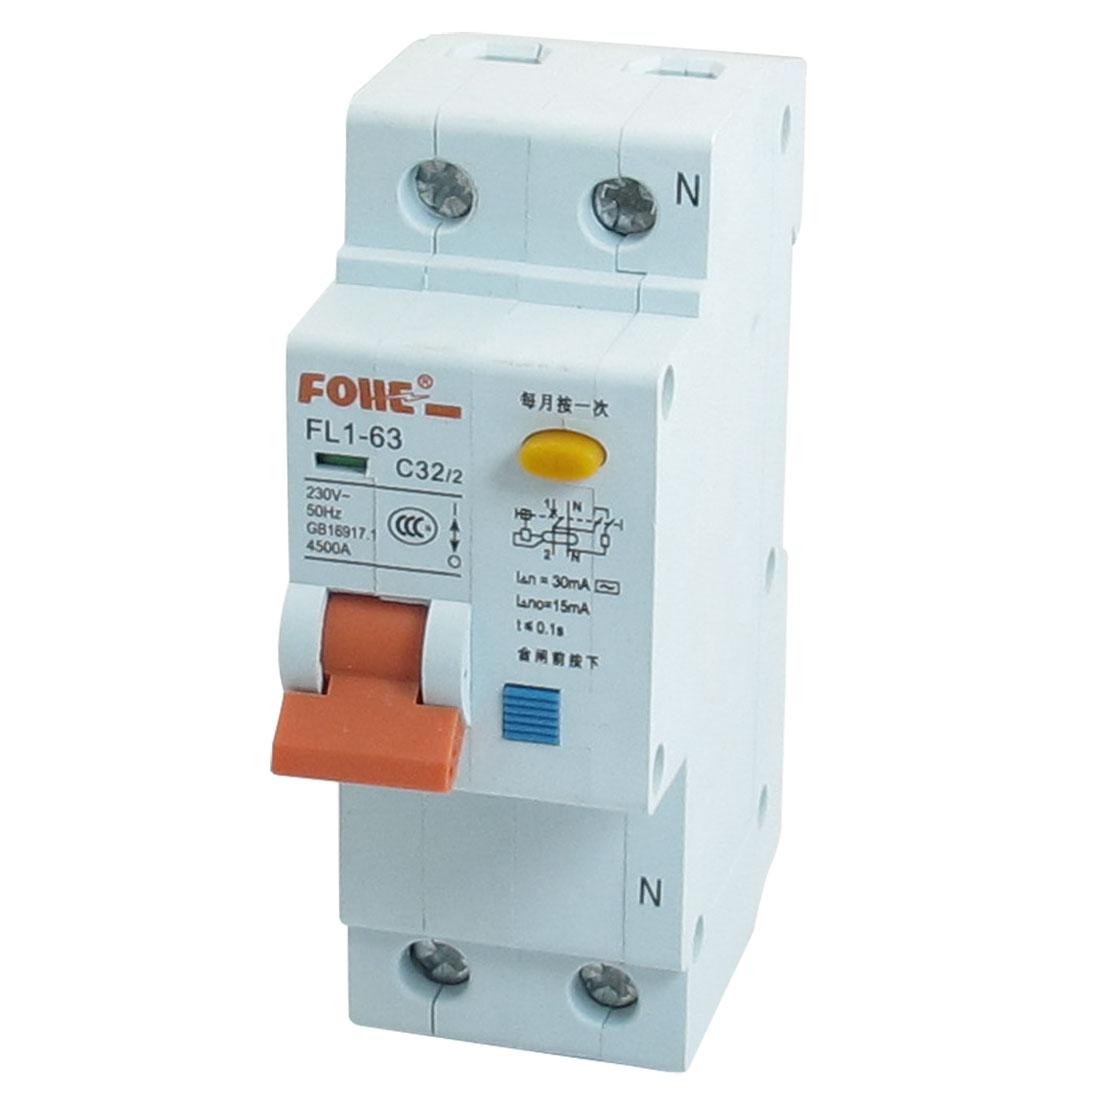 AC 230V 32A 4500A 1P 1P+N Miniature Circuit Breaker DIN Rail FL1-63 C32